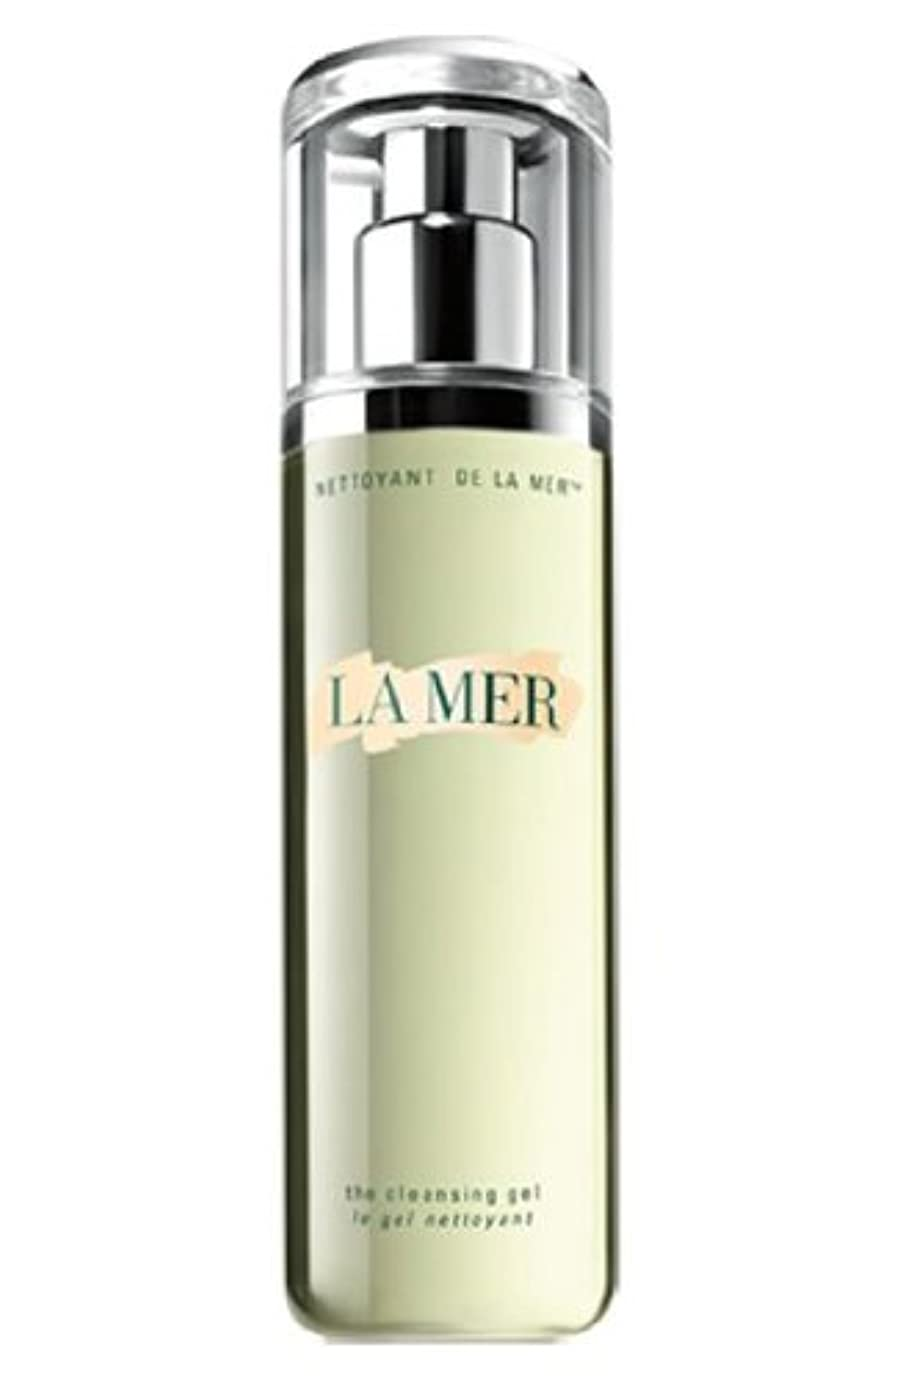 プロット早熟年La Mer The Cleansing Gel (ラメール クレンジング ジェル) 6.7 oz (200ml) for Women